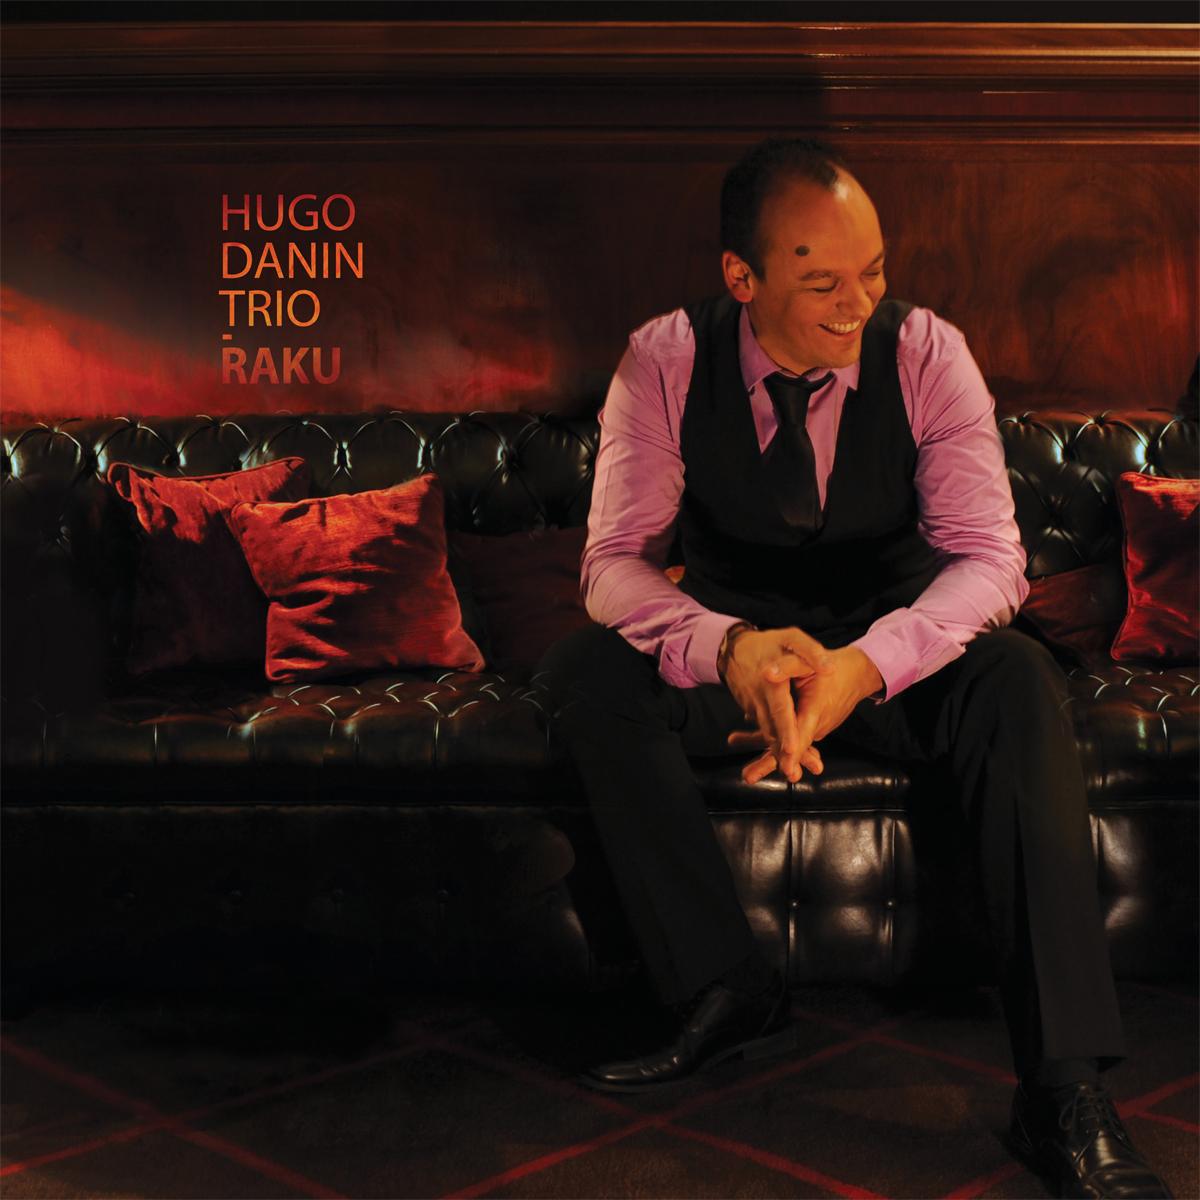 Raku – Hugo Danin Trio